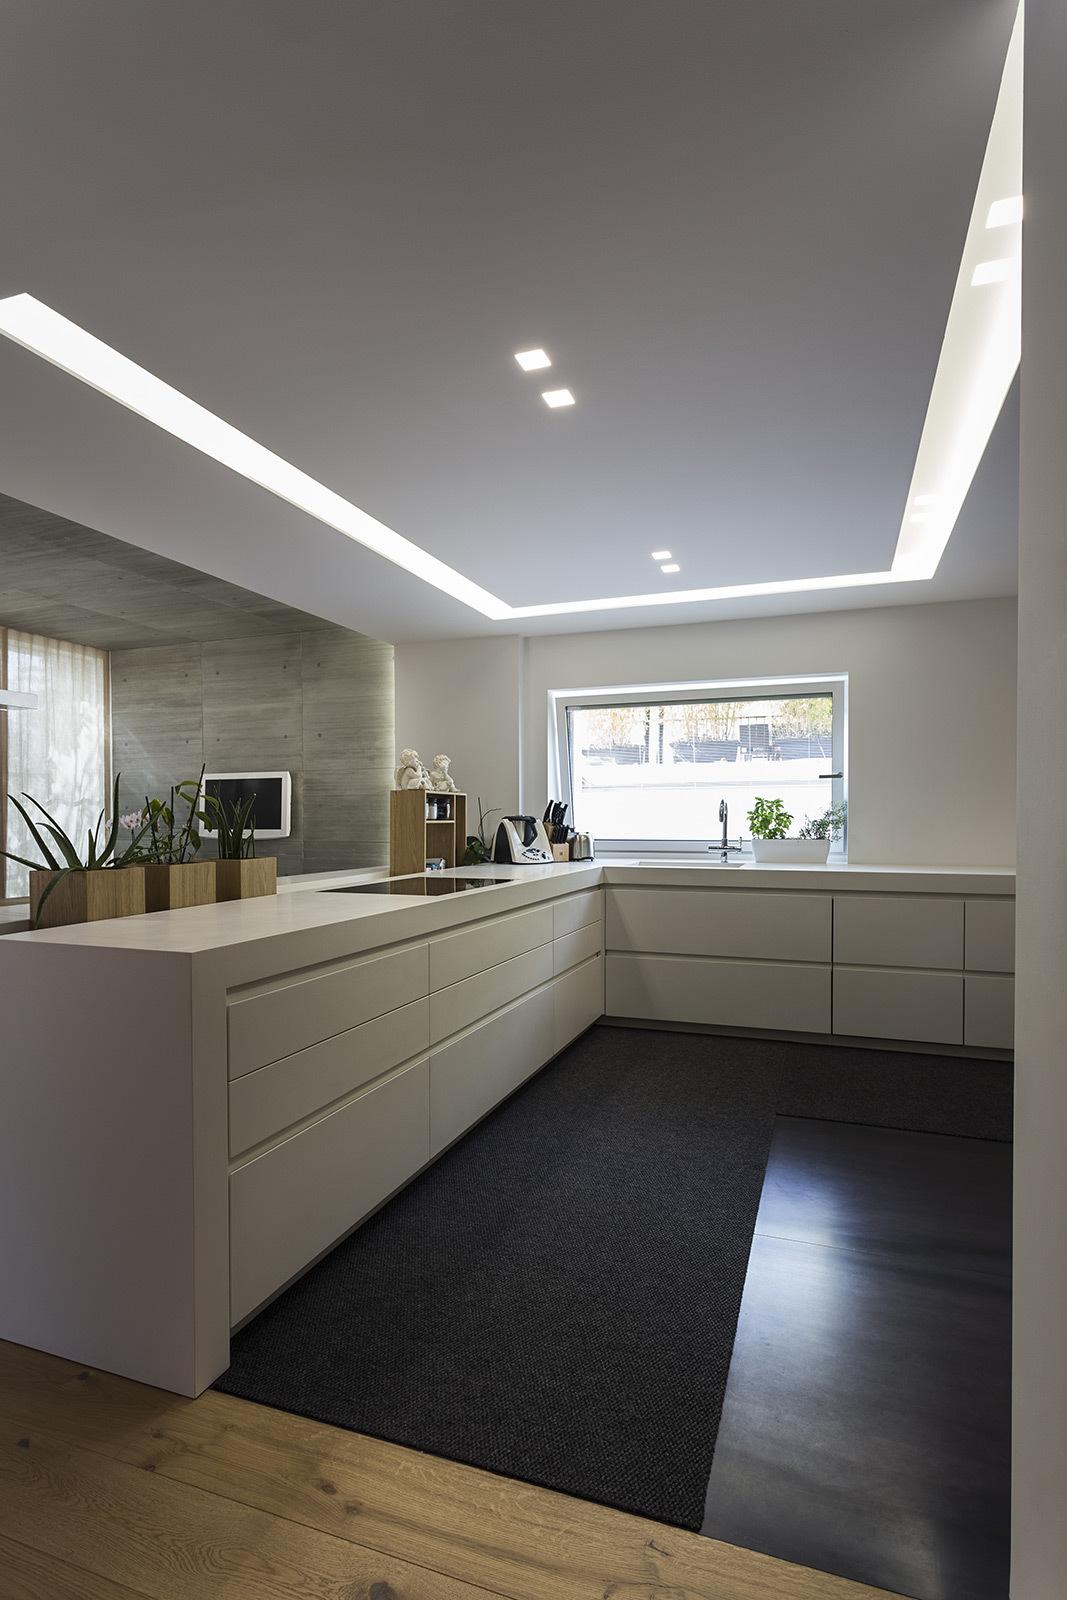 I nostri progetti villa privata a castelfranco veneto castelfranco veneto italia linea - Illuminazione per cucina moderna ...